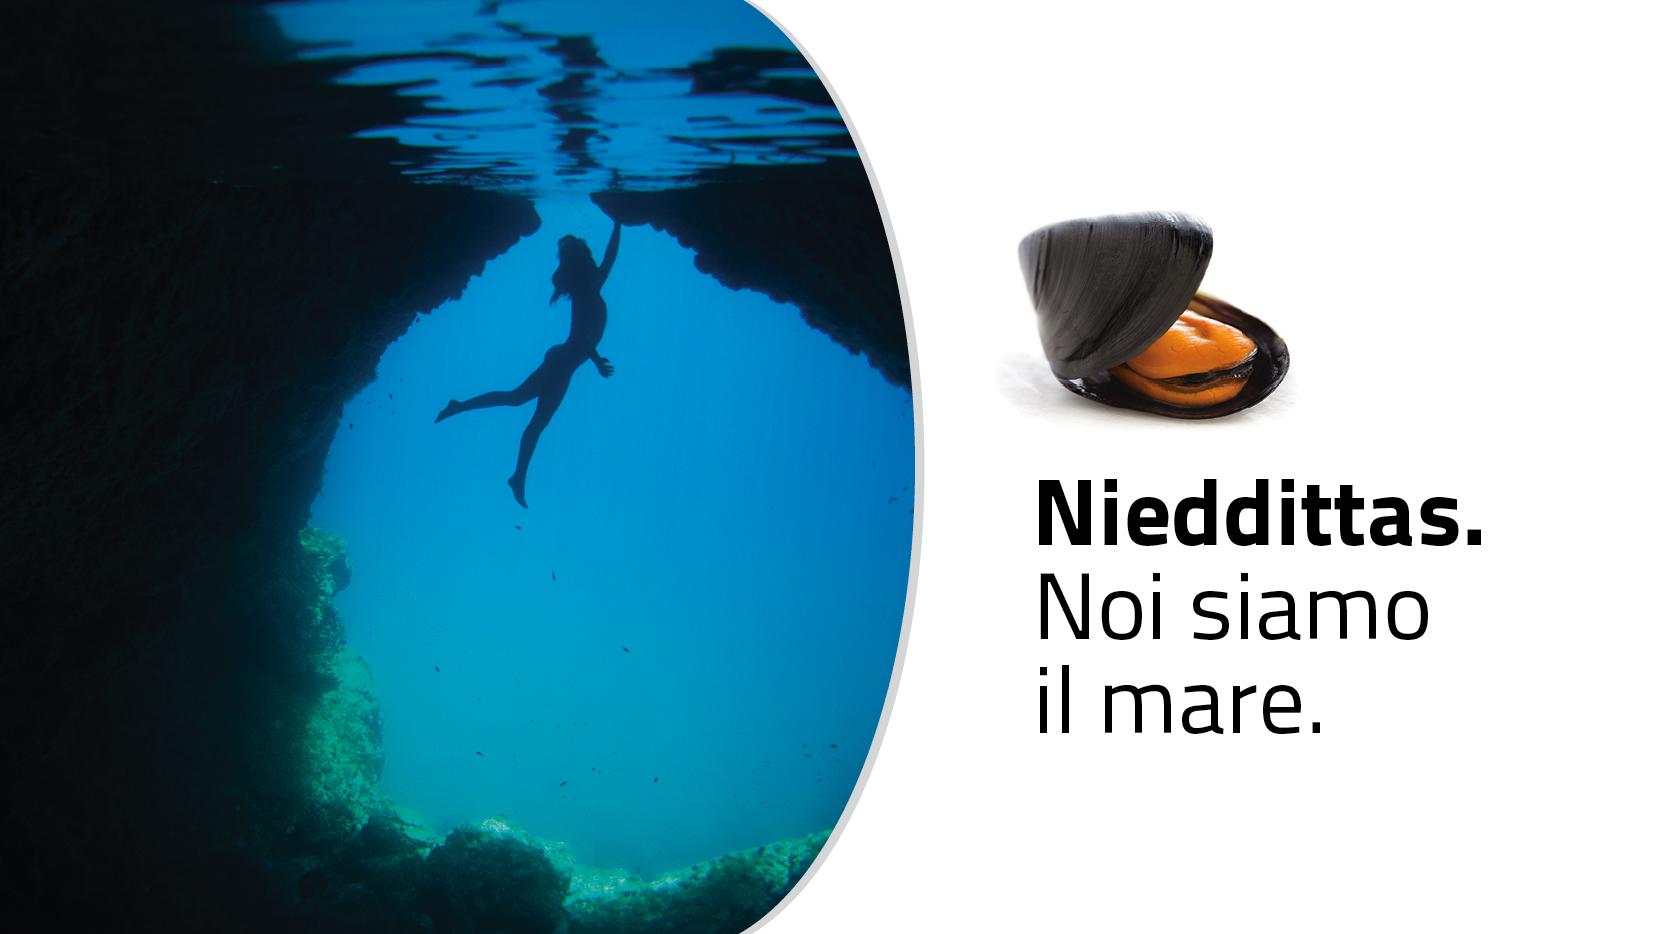 On air e online la nuova campagna pubblicitaria Nieddittas.